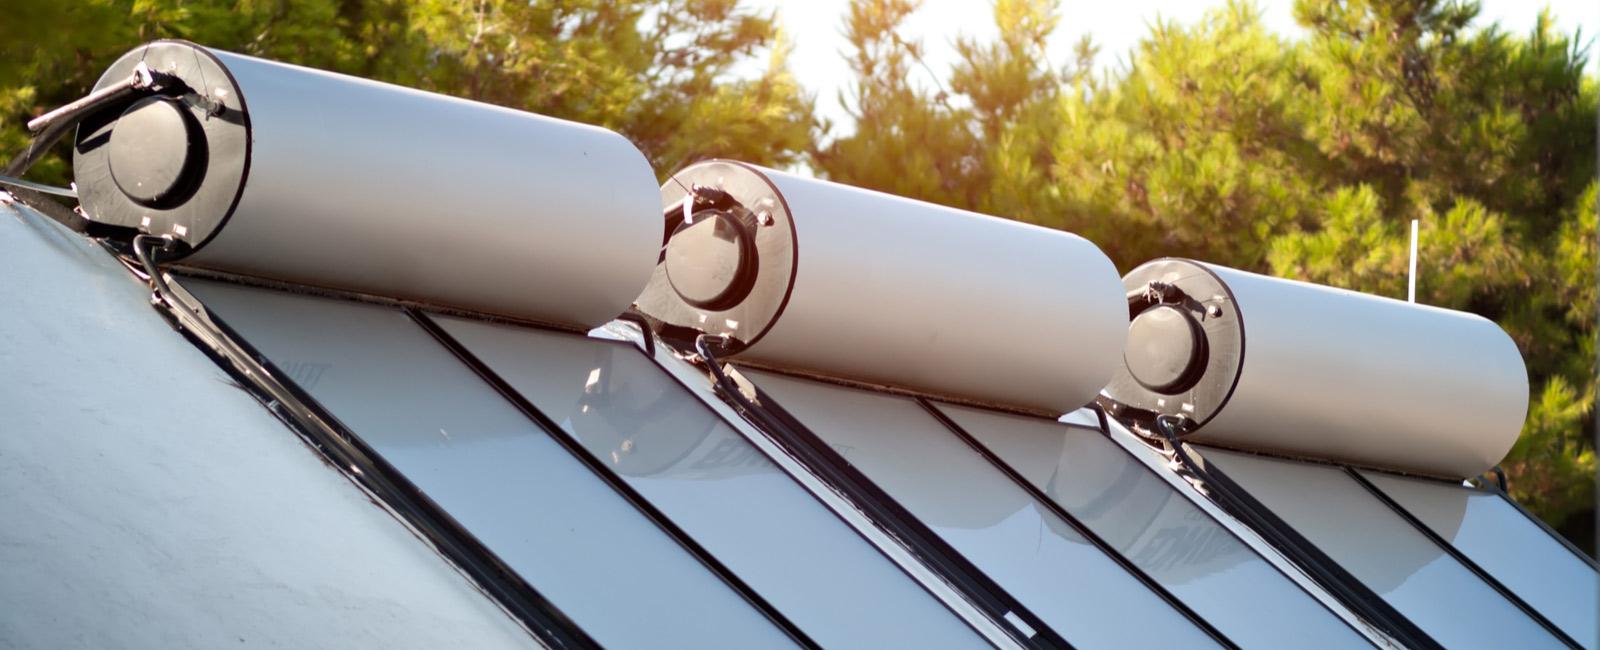 chauffe-eau solaire monobloc